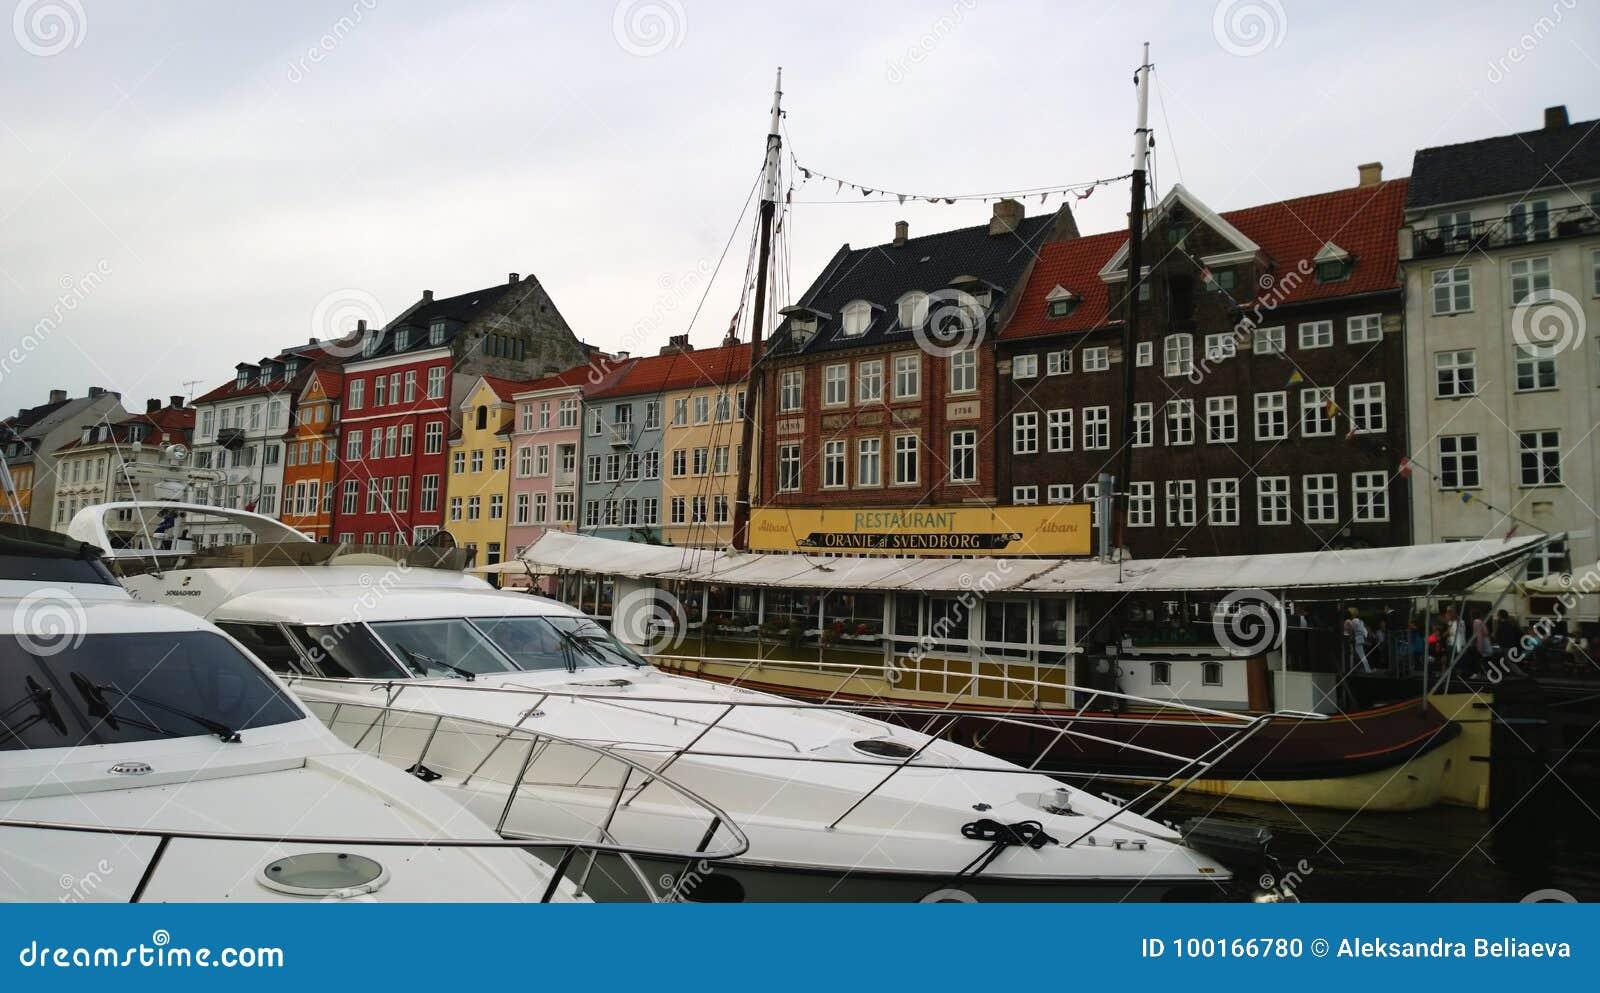 Berömda Nyhavn i Köpenhamn, med restauranger och dyra fartyg på vattnet